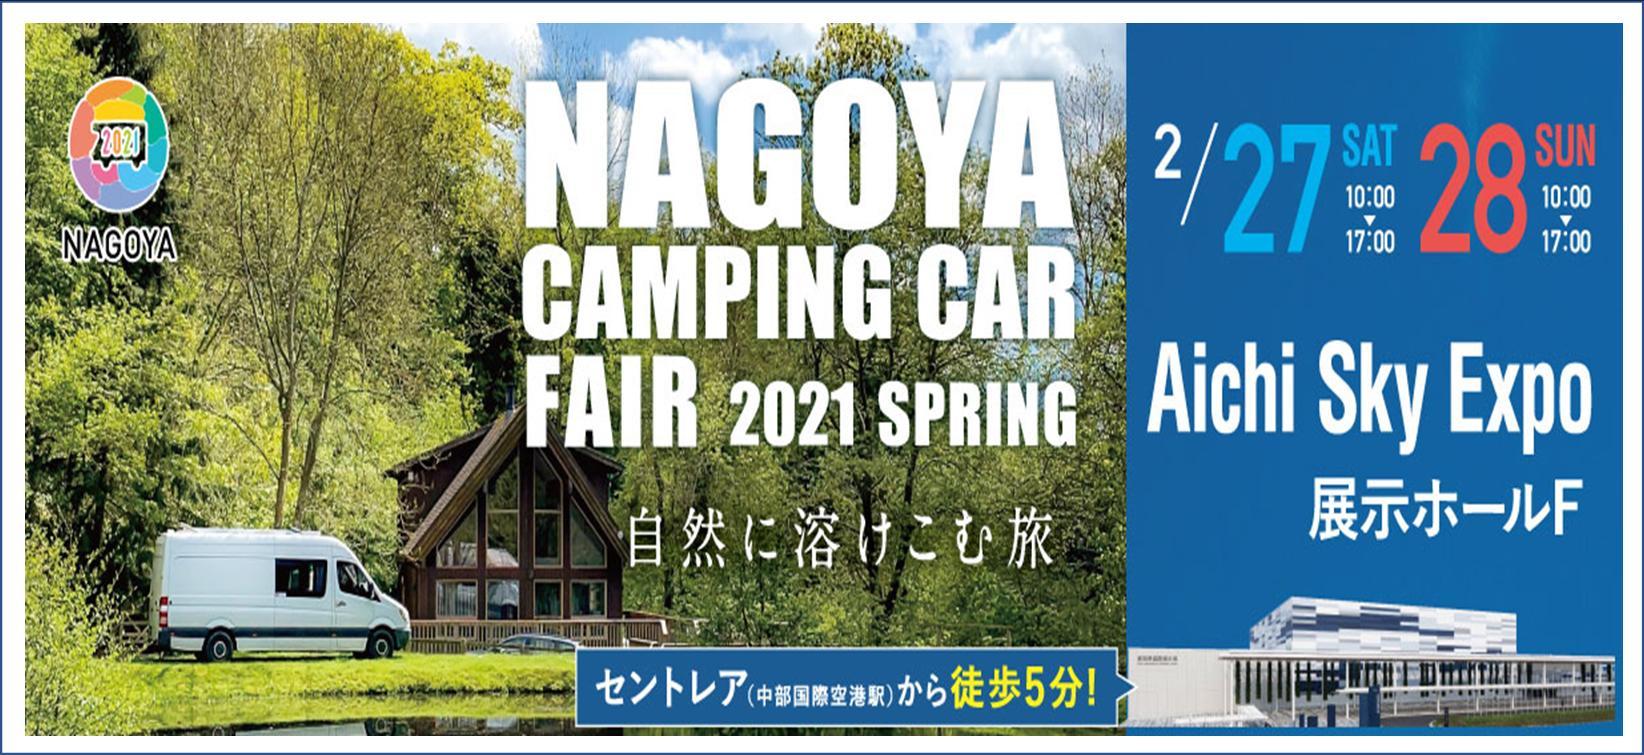 2021名古屋キャンピングカーフェア